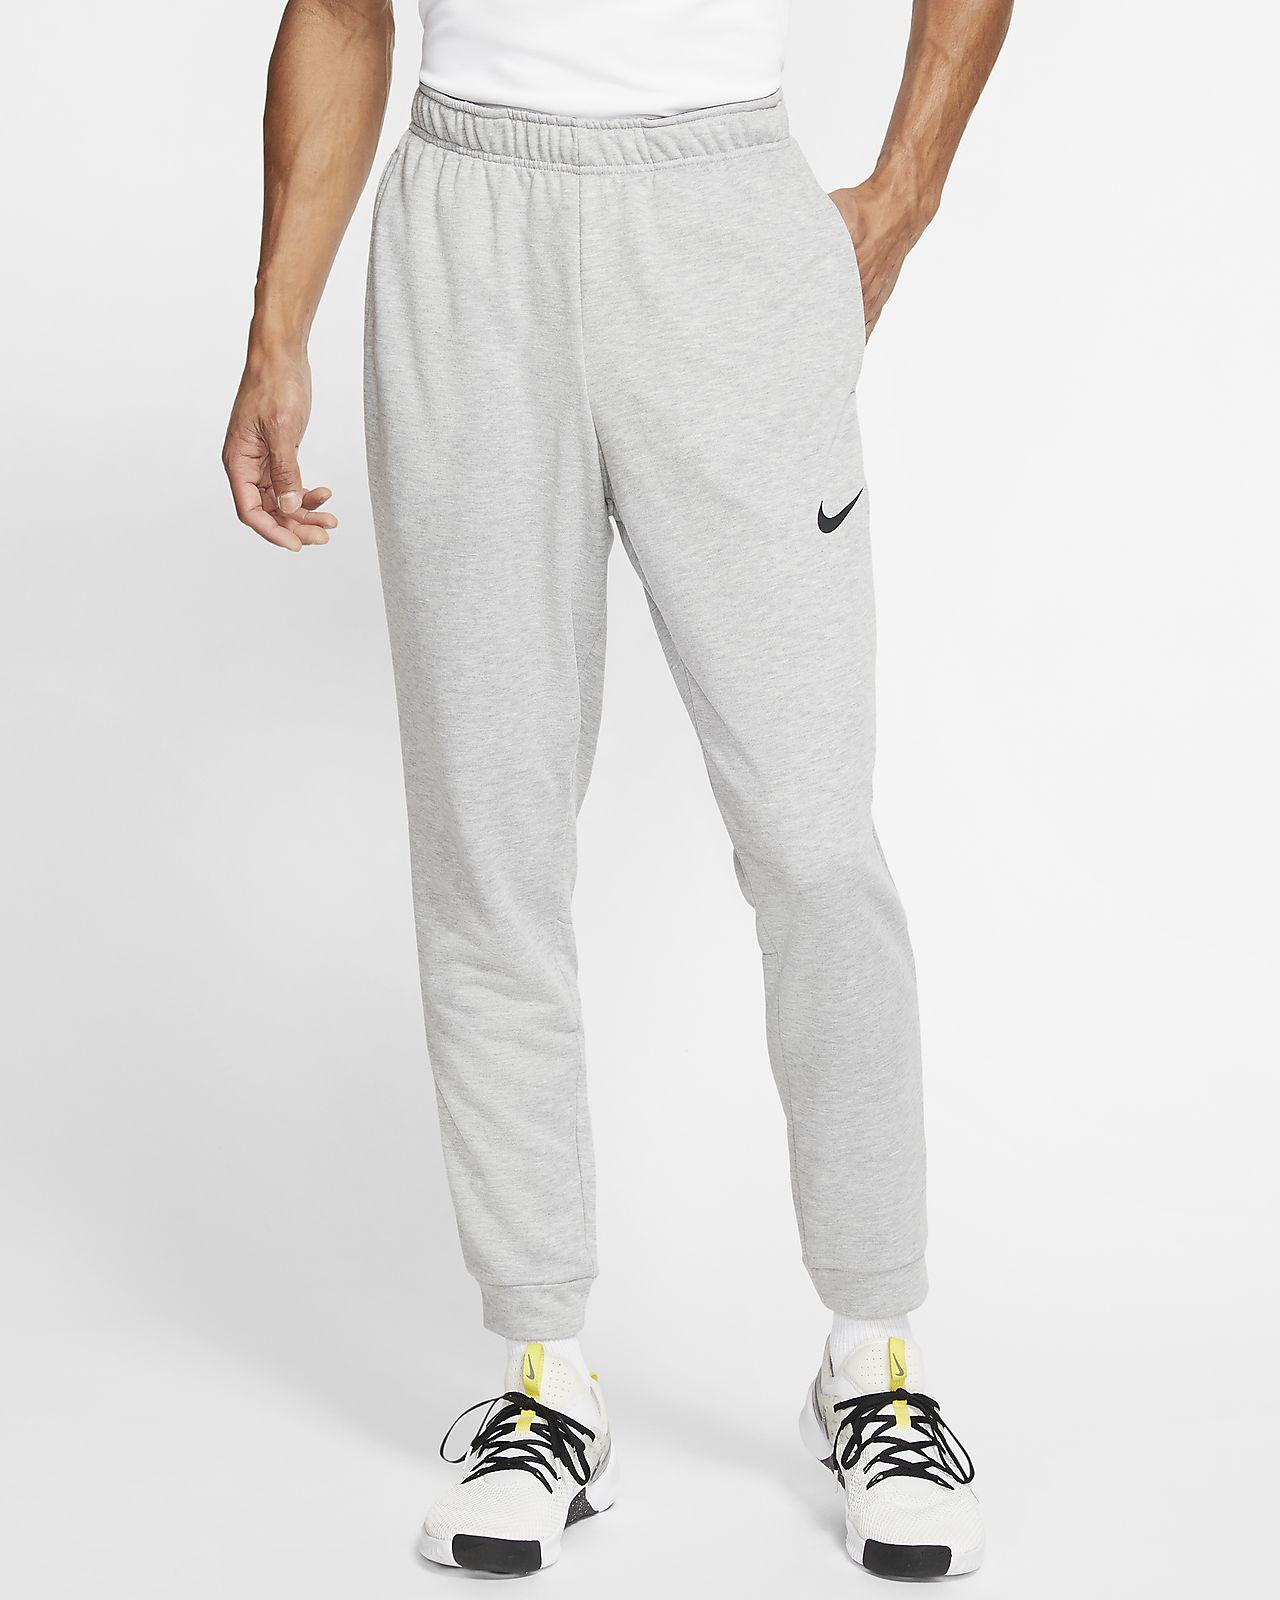 Calças de treino de lã cardada Nike Dri-FIT para homem